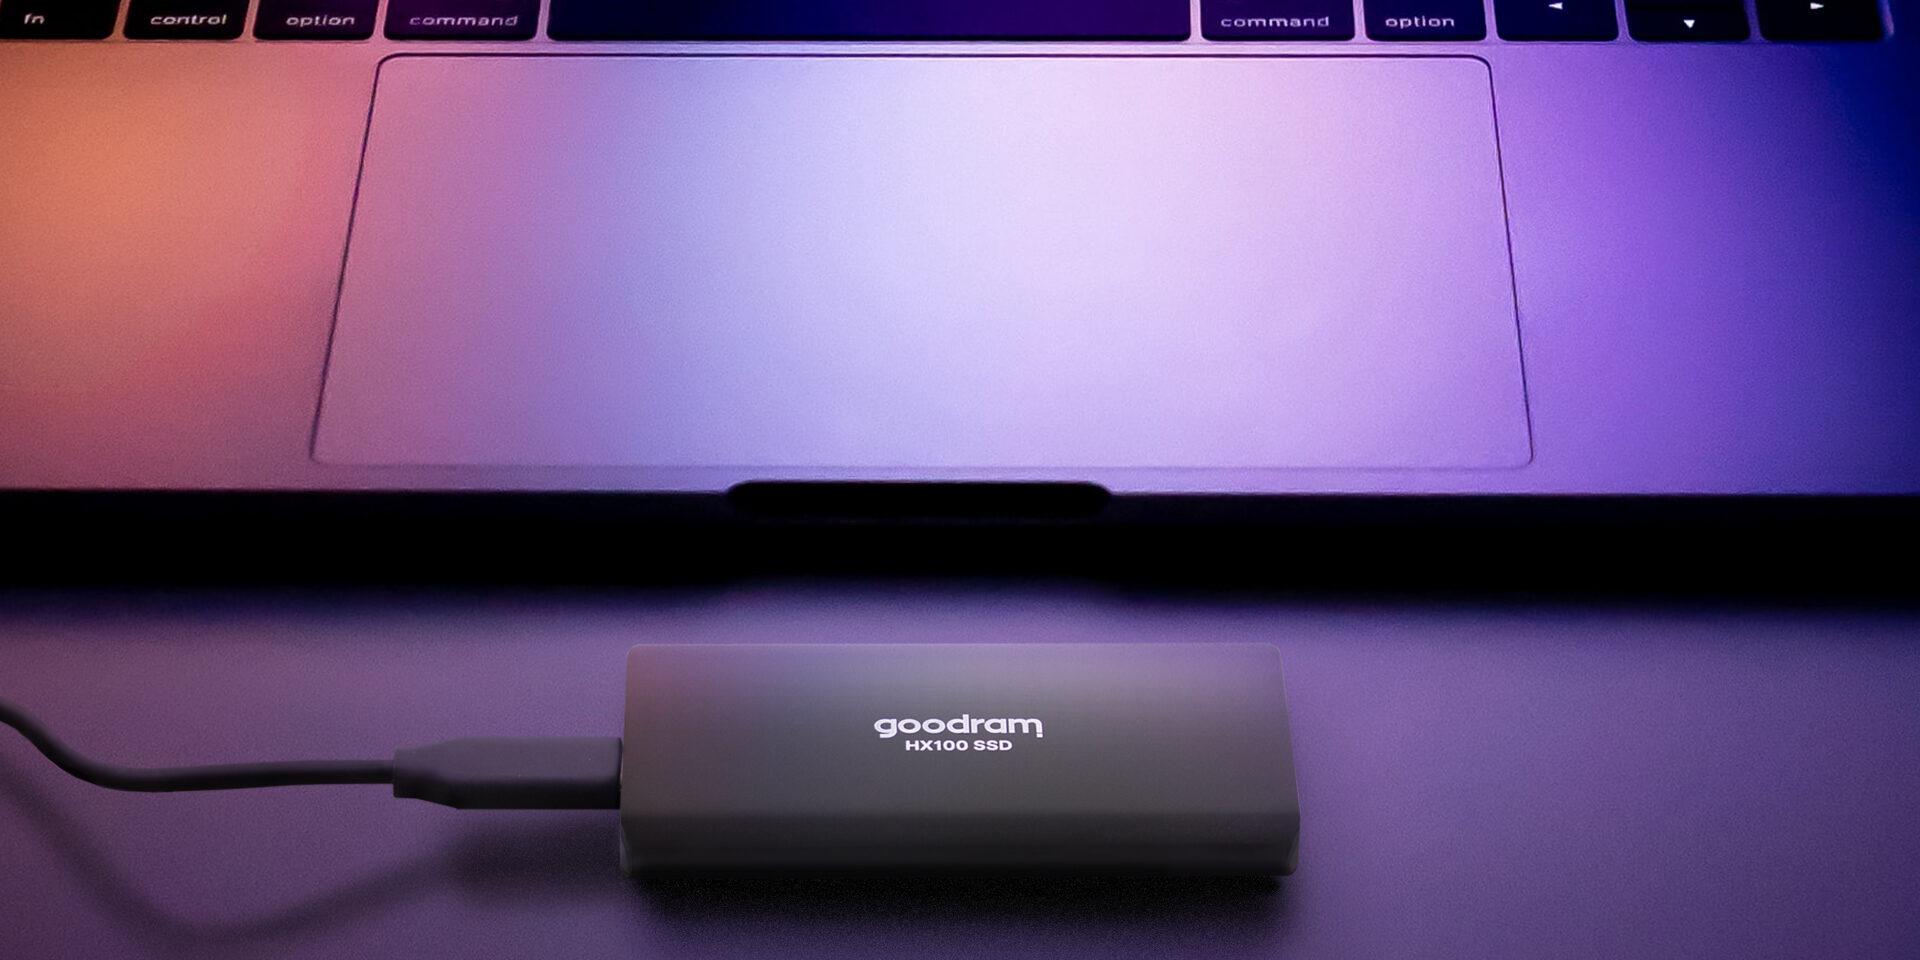 GOODRAM SSD HX100 1 TB USB 3.2 RETAIL External SSD, 1 TB + kabel USB TYPE-C 3.2 Gen2 (internal SATA 6 GBBS) ---